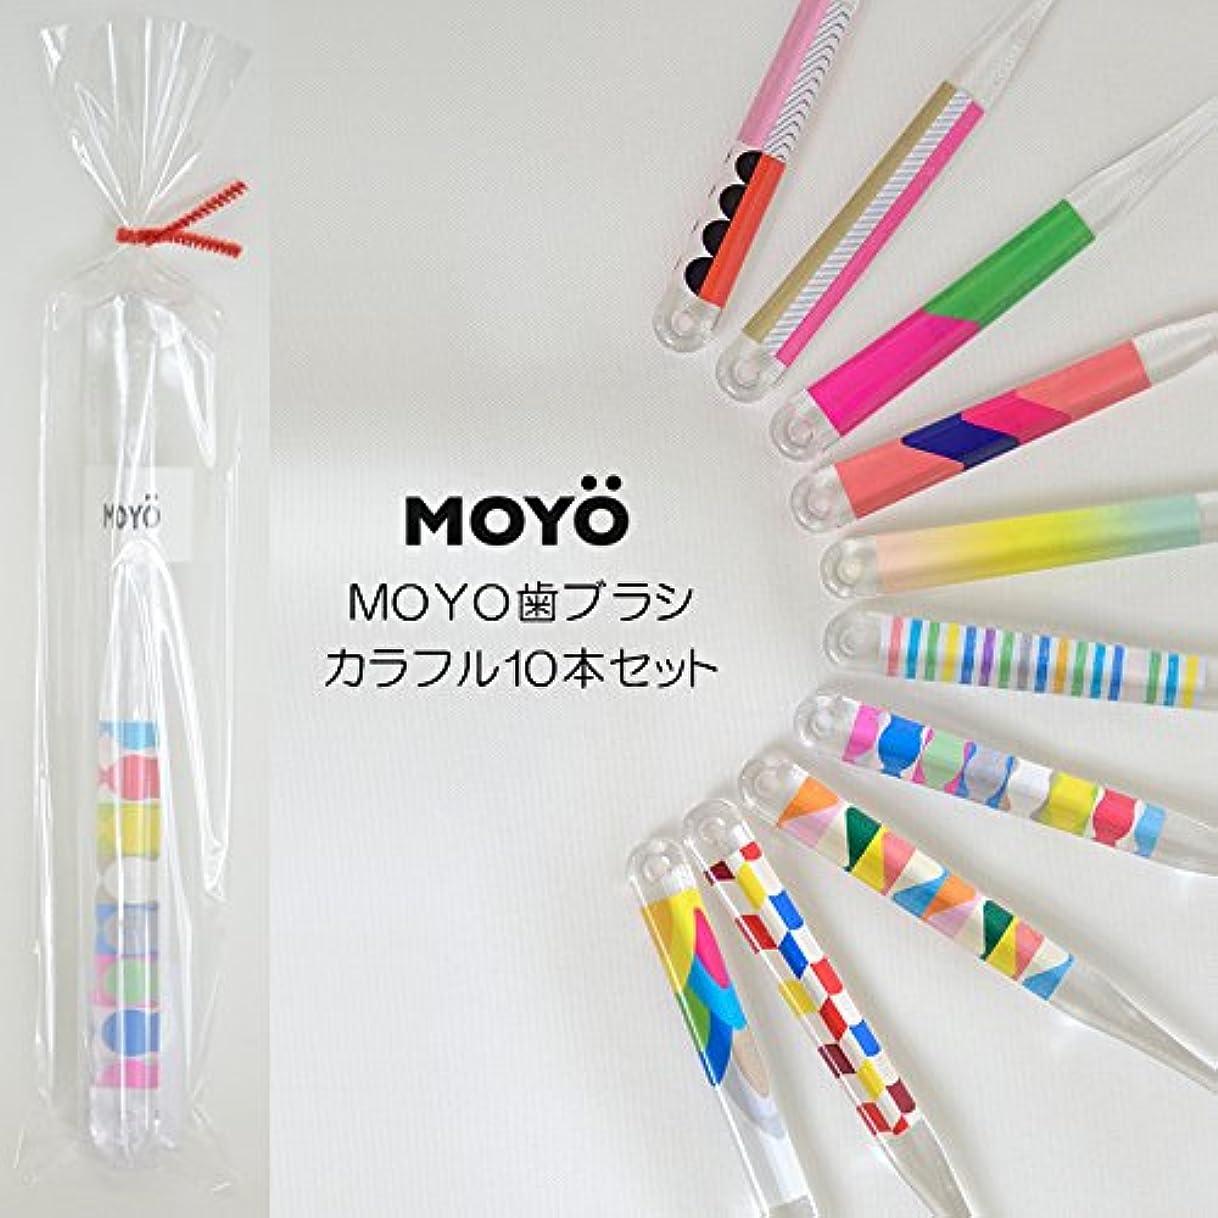 センチメートルトラップ杭MOYO モヨウ カラフル10本 プチ ギフト セット_562302-colorful 【F】,カラフル10本セット